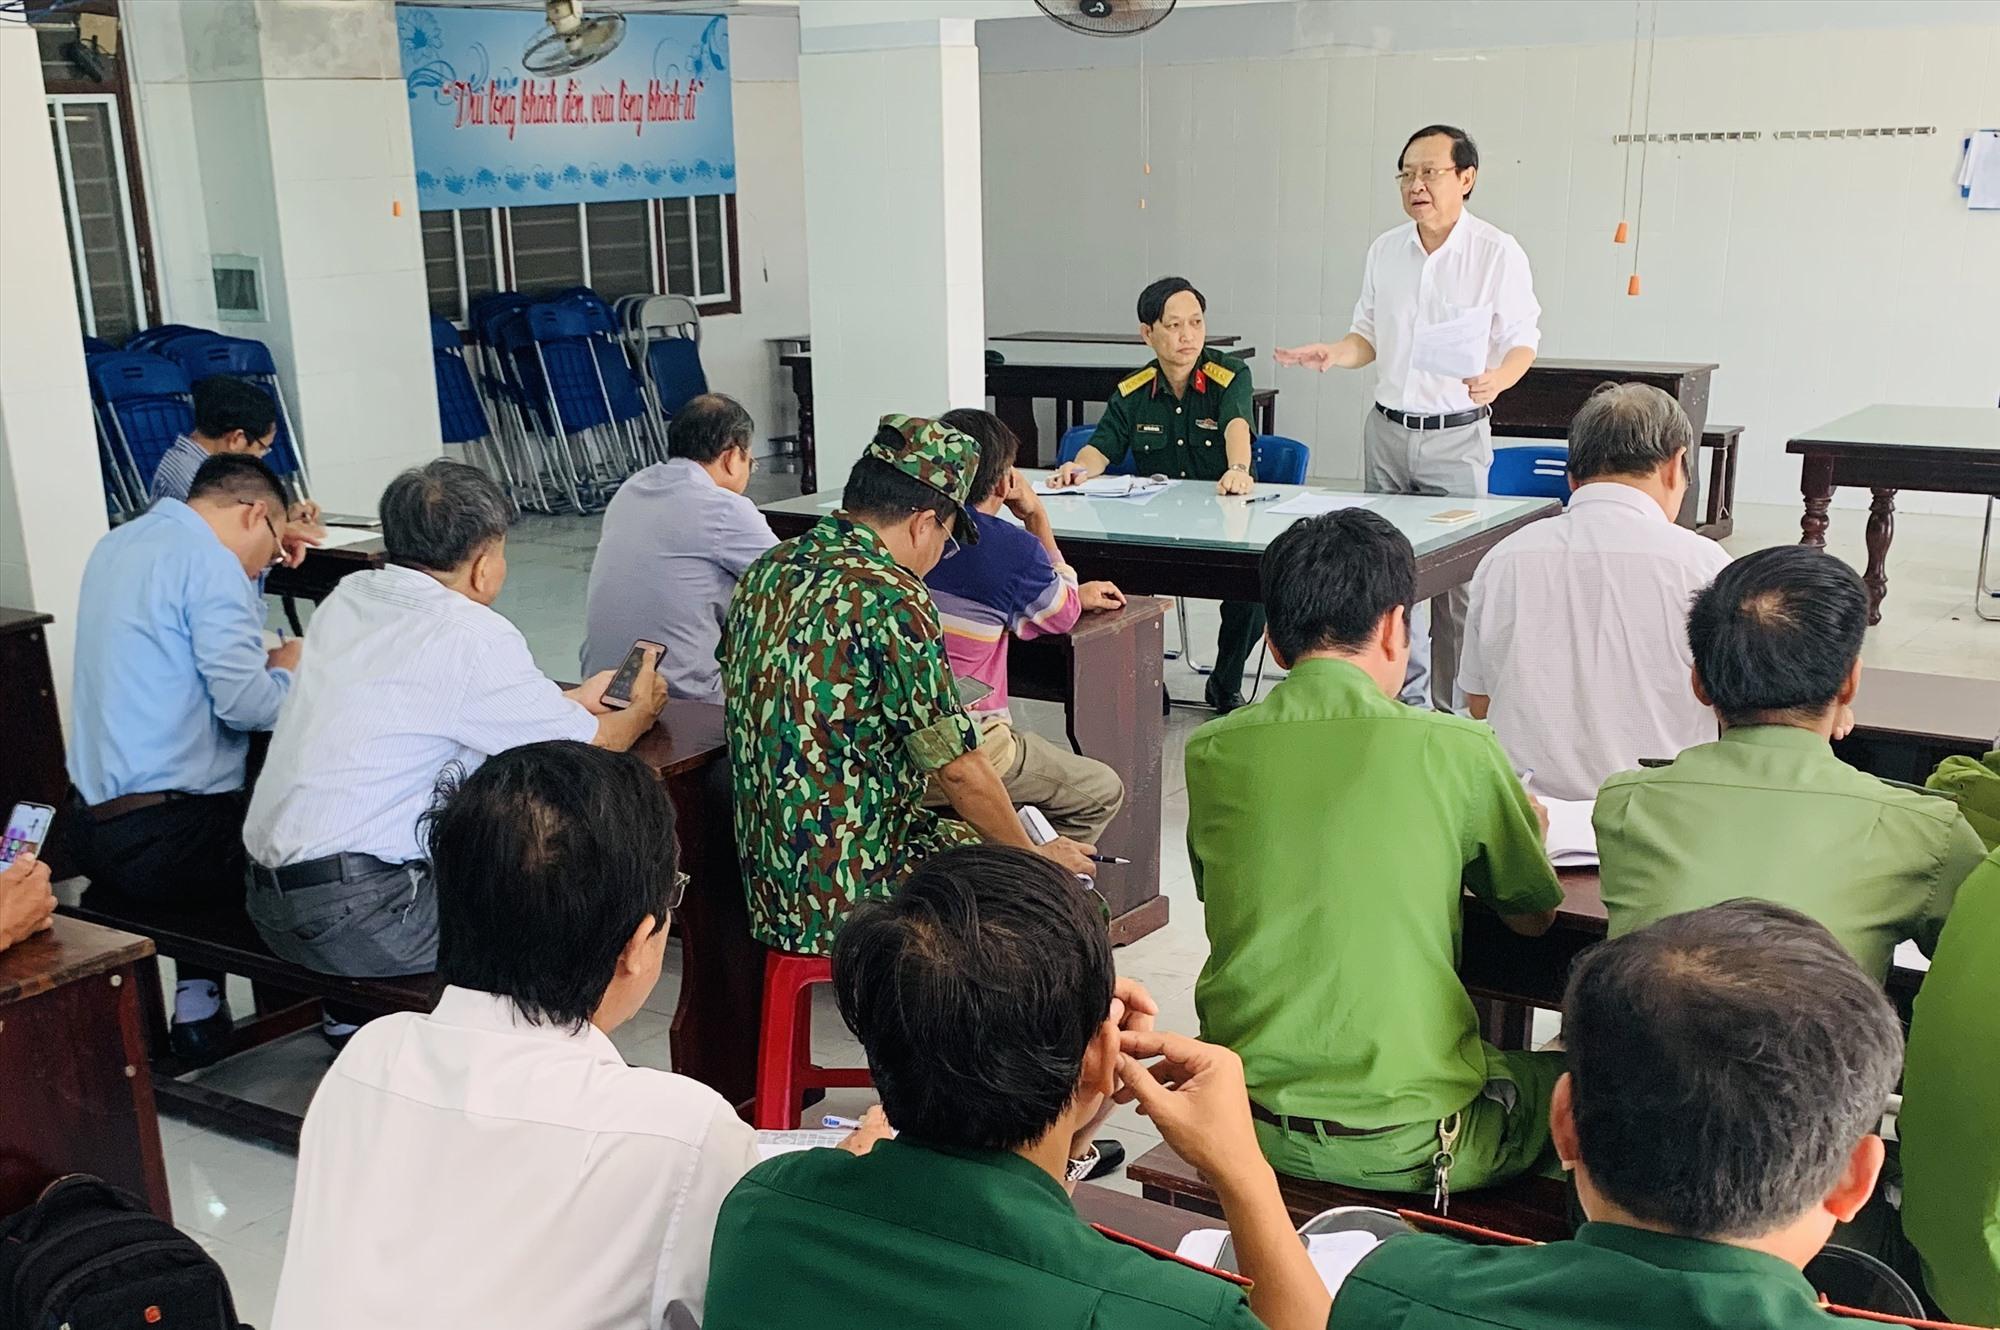 Ông Nguyễn Văn Hai - Giám đốc Sở Y tế tỉnh yêu cầu các đơn vị tập trung phòng trước các tình huống ngoài kế hoạch. Ảnh: PHAN VINH